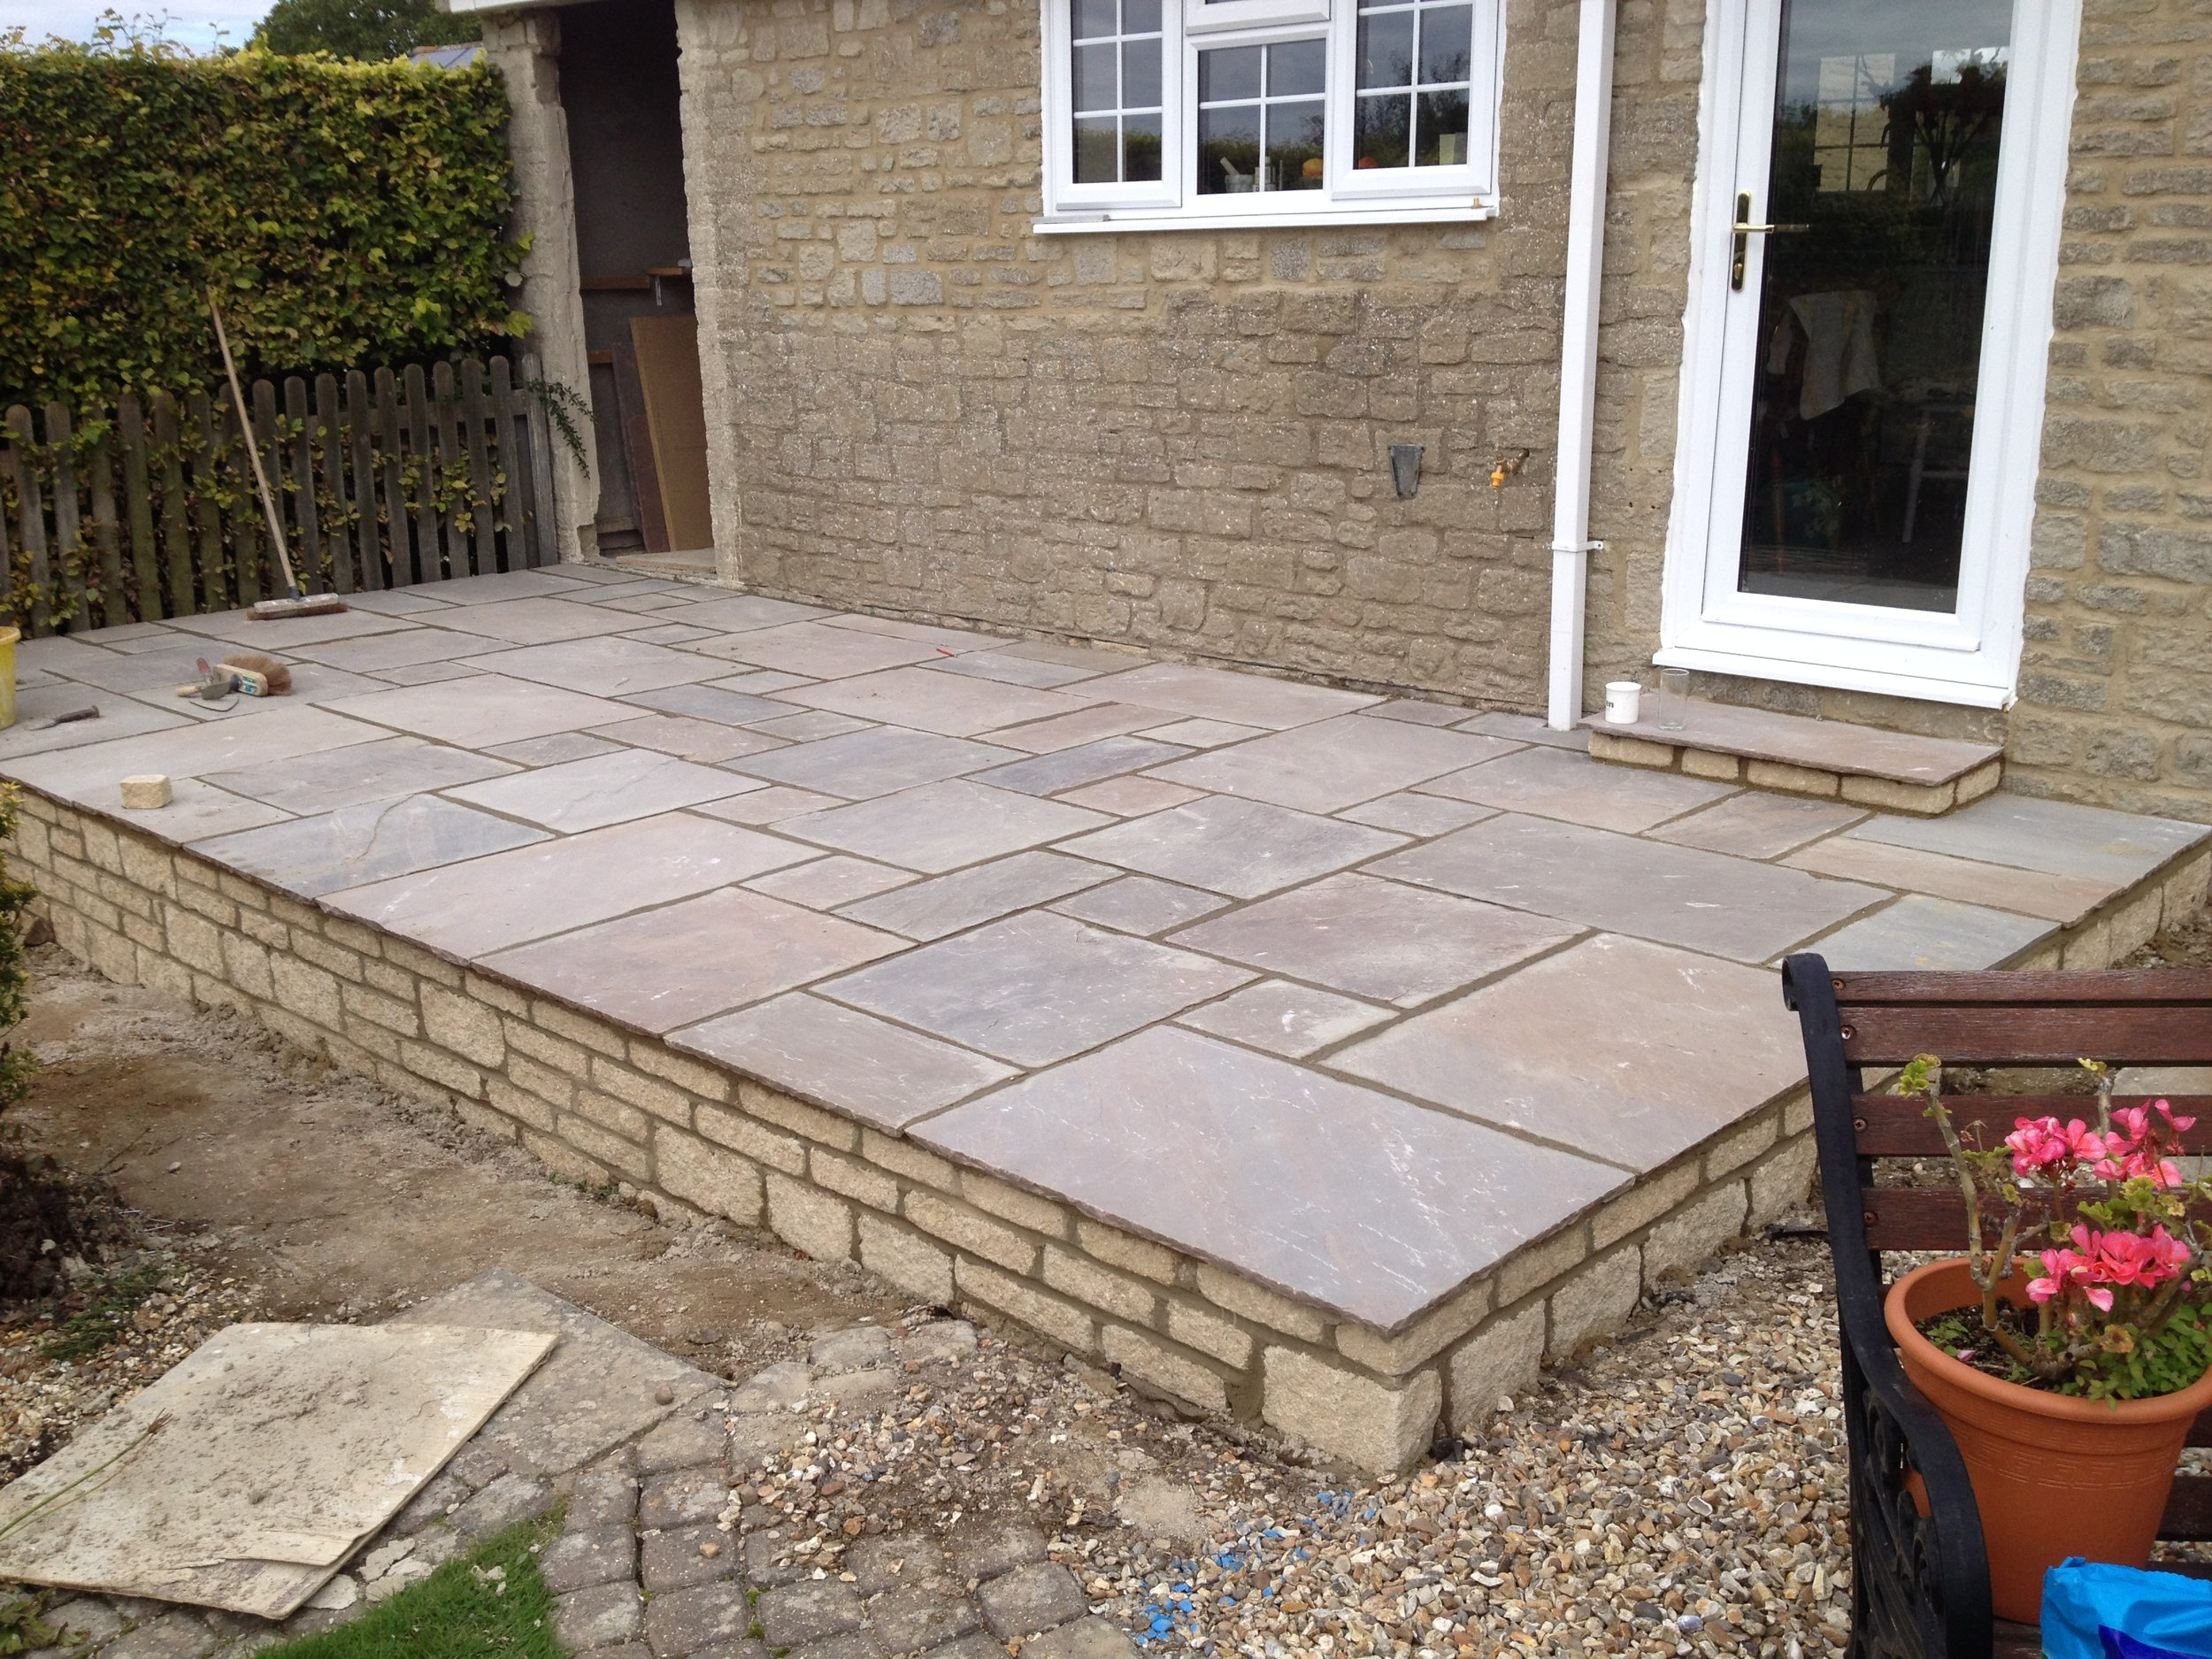 Stone patio.